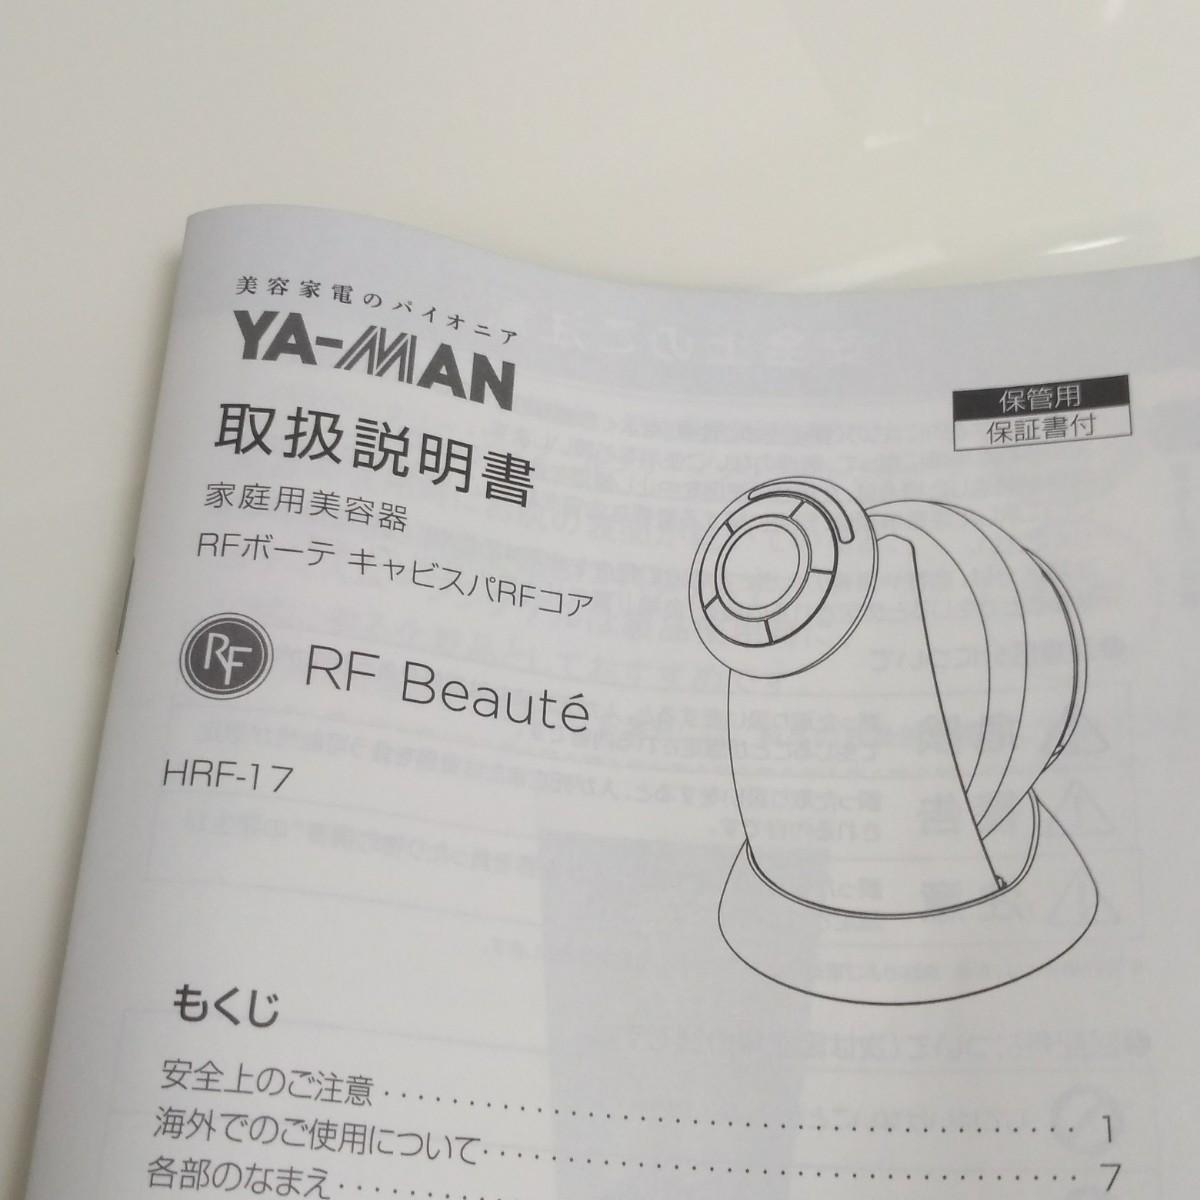 【超美品】YA-MAN ヤーマン  RFボーテ キャビスパRFコア ホワイト HRF17W